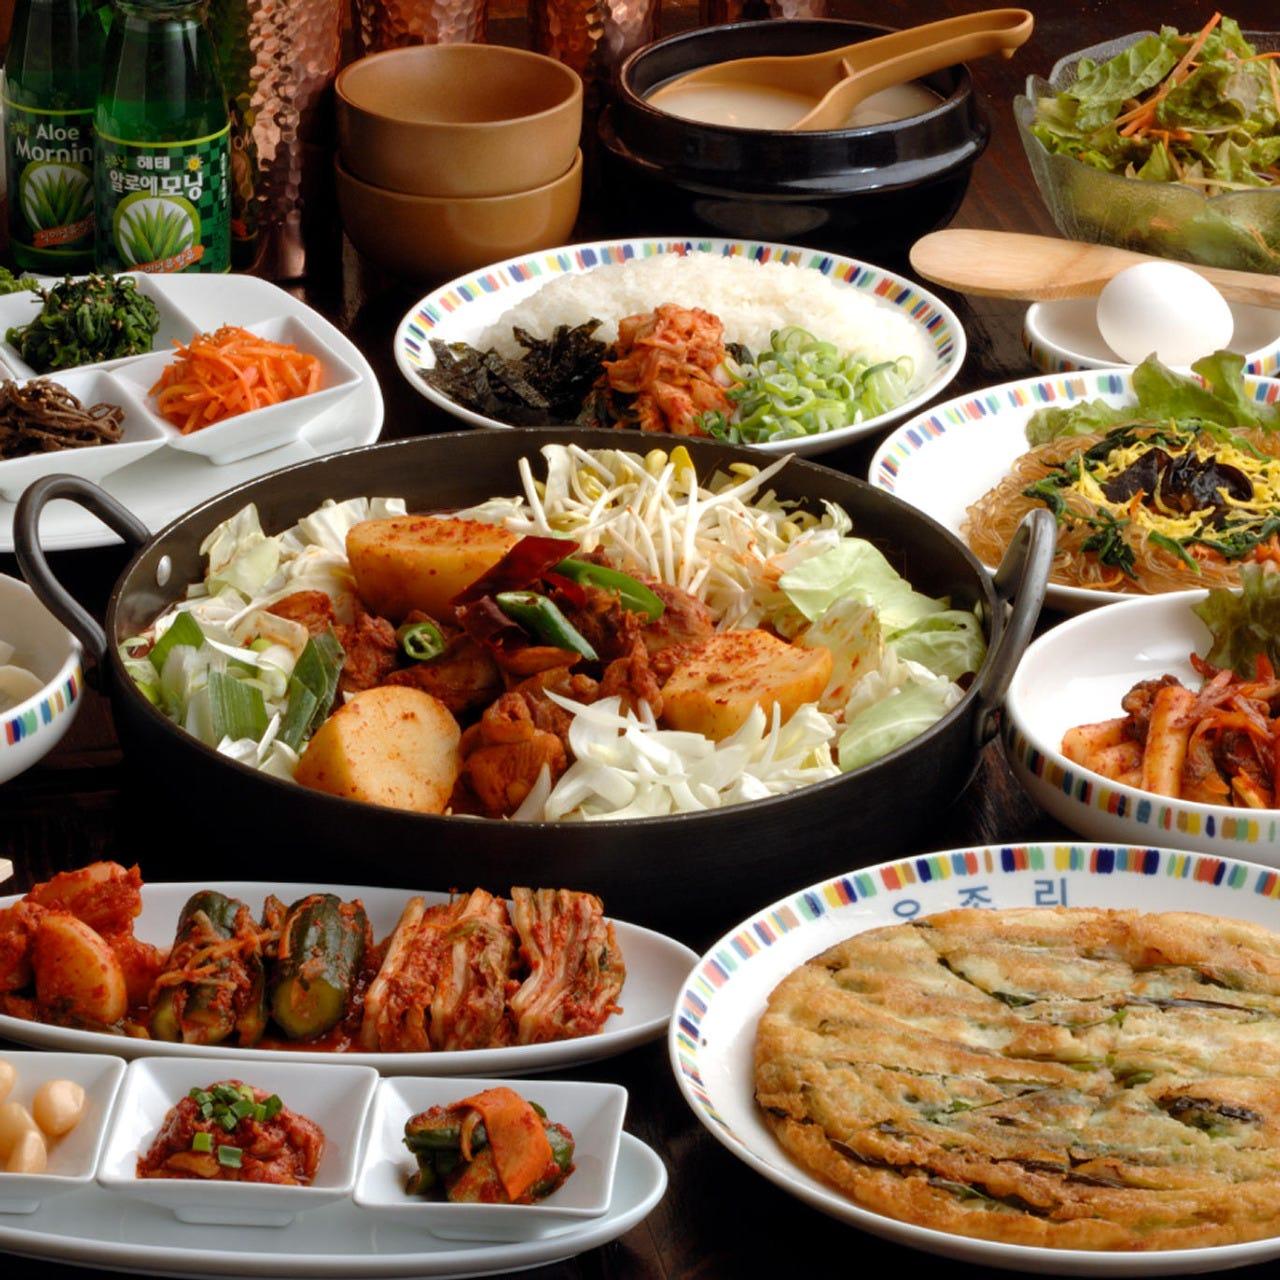 温かい鍋料理に沢山の韓国料理 とっても満足頂るコース構成です